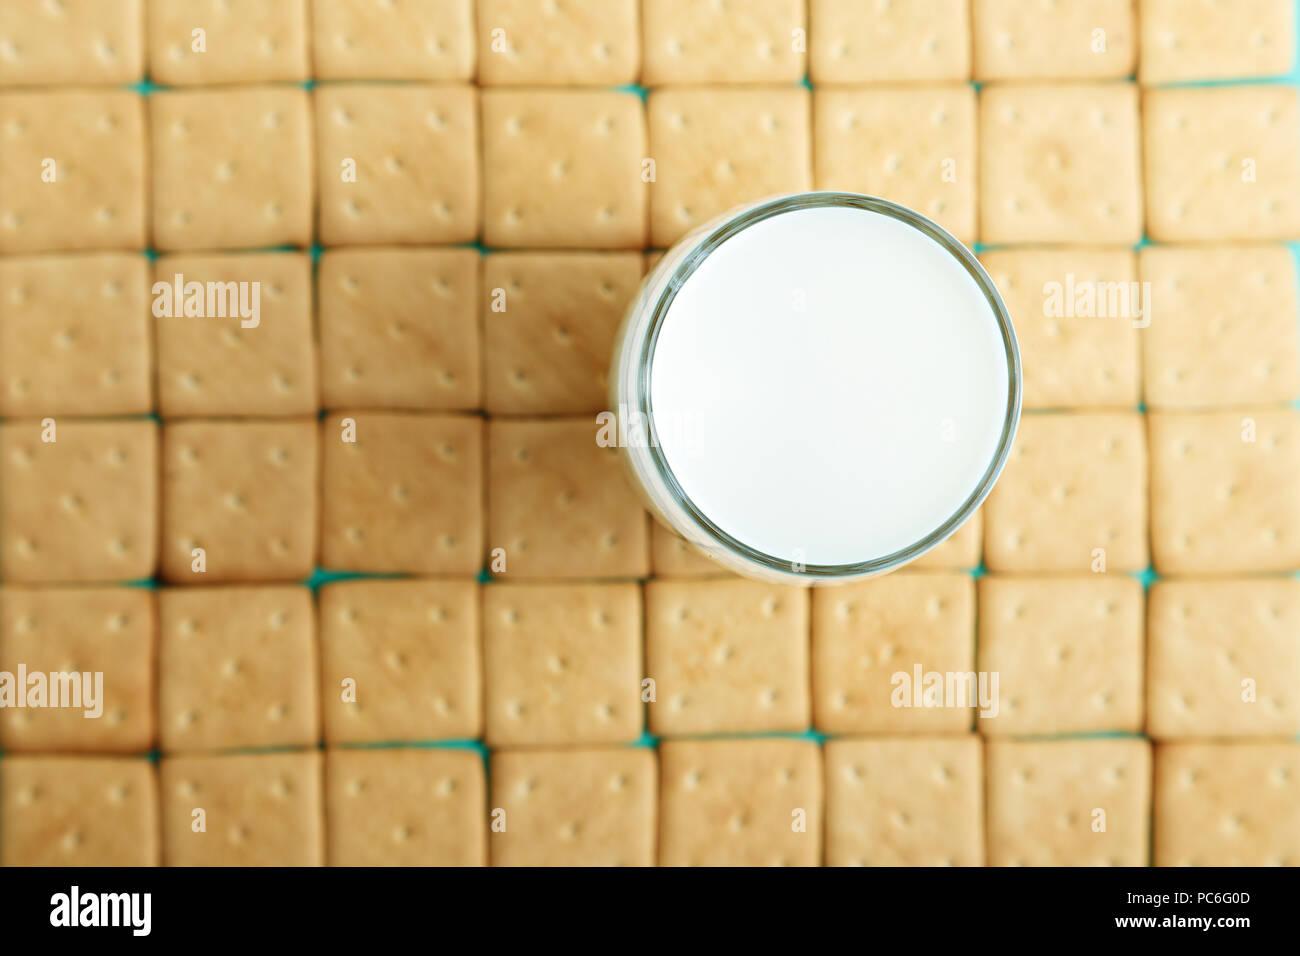 Viele Cracker, appetitlich Hintergrund. square Cracker sind in Reihen gelegt, auf die Cracker gibt es ein Glas mit Milch Stockbild